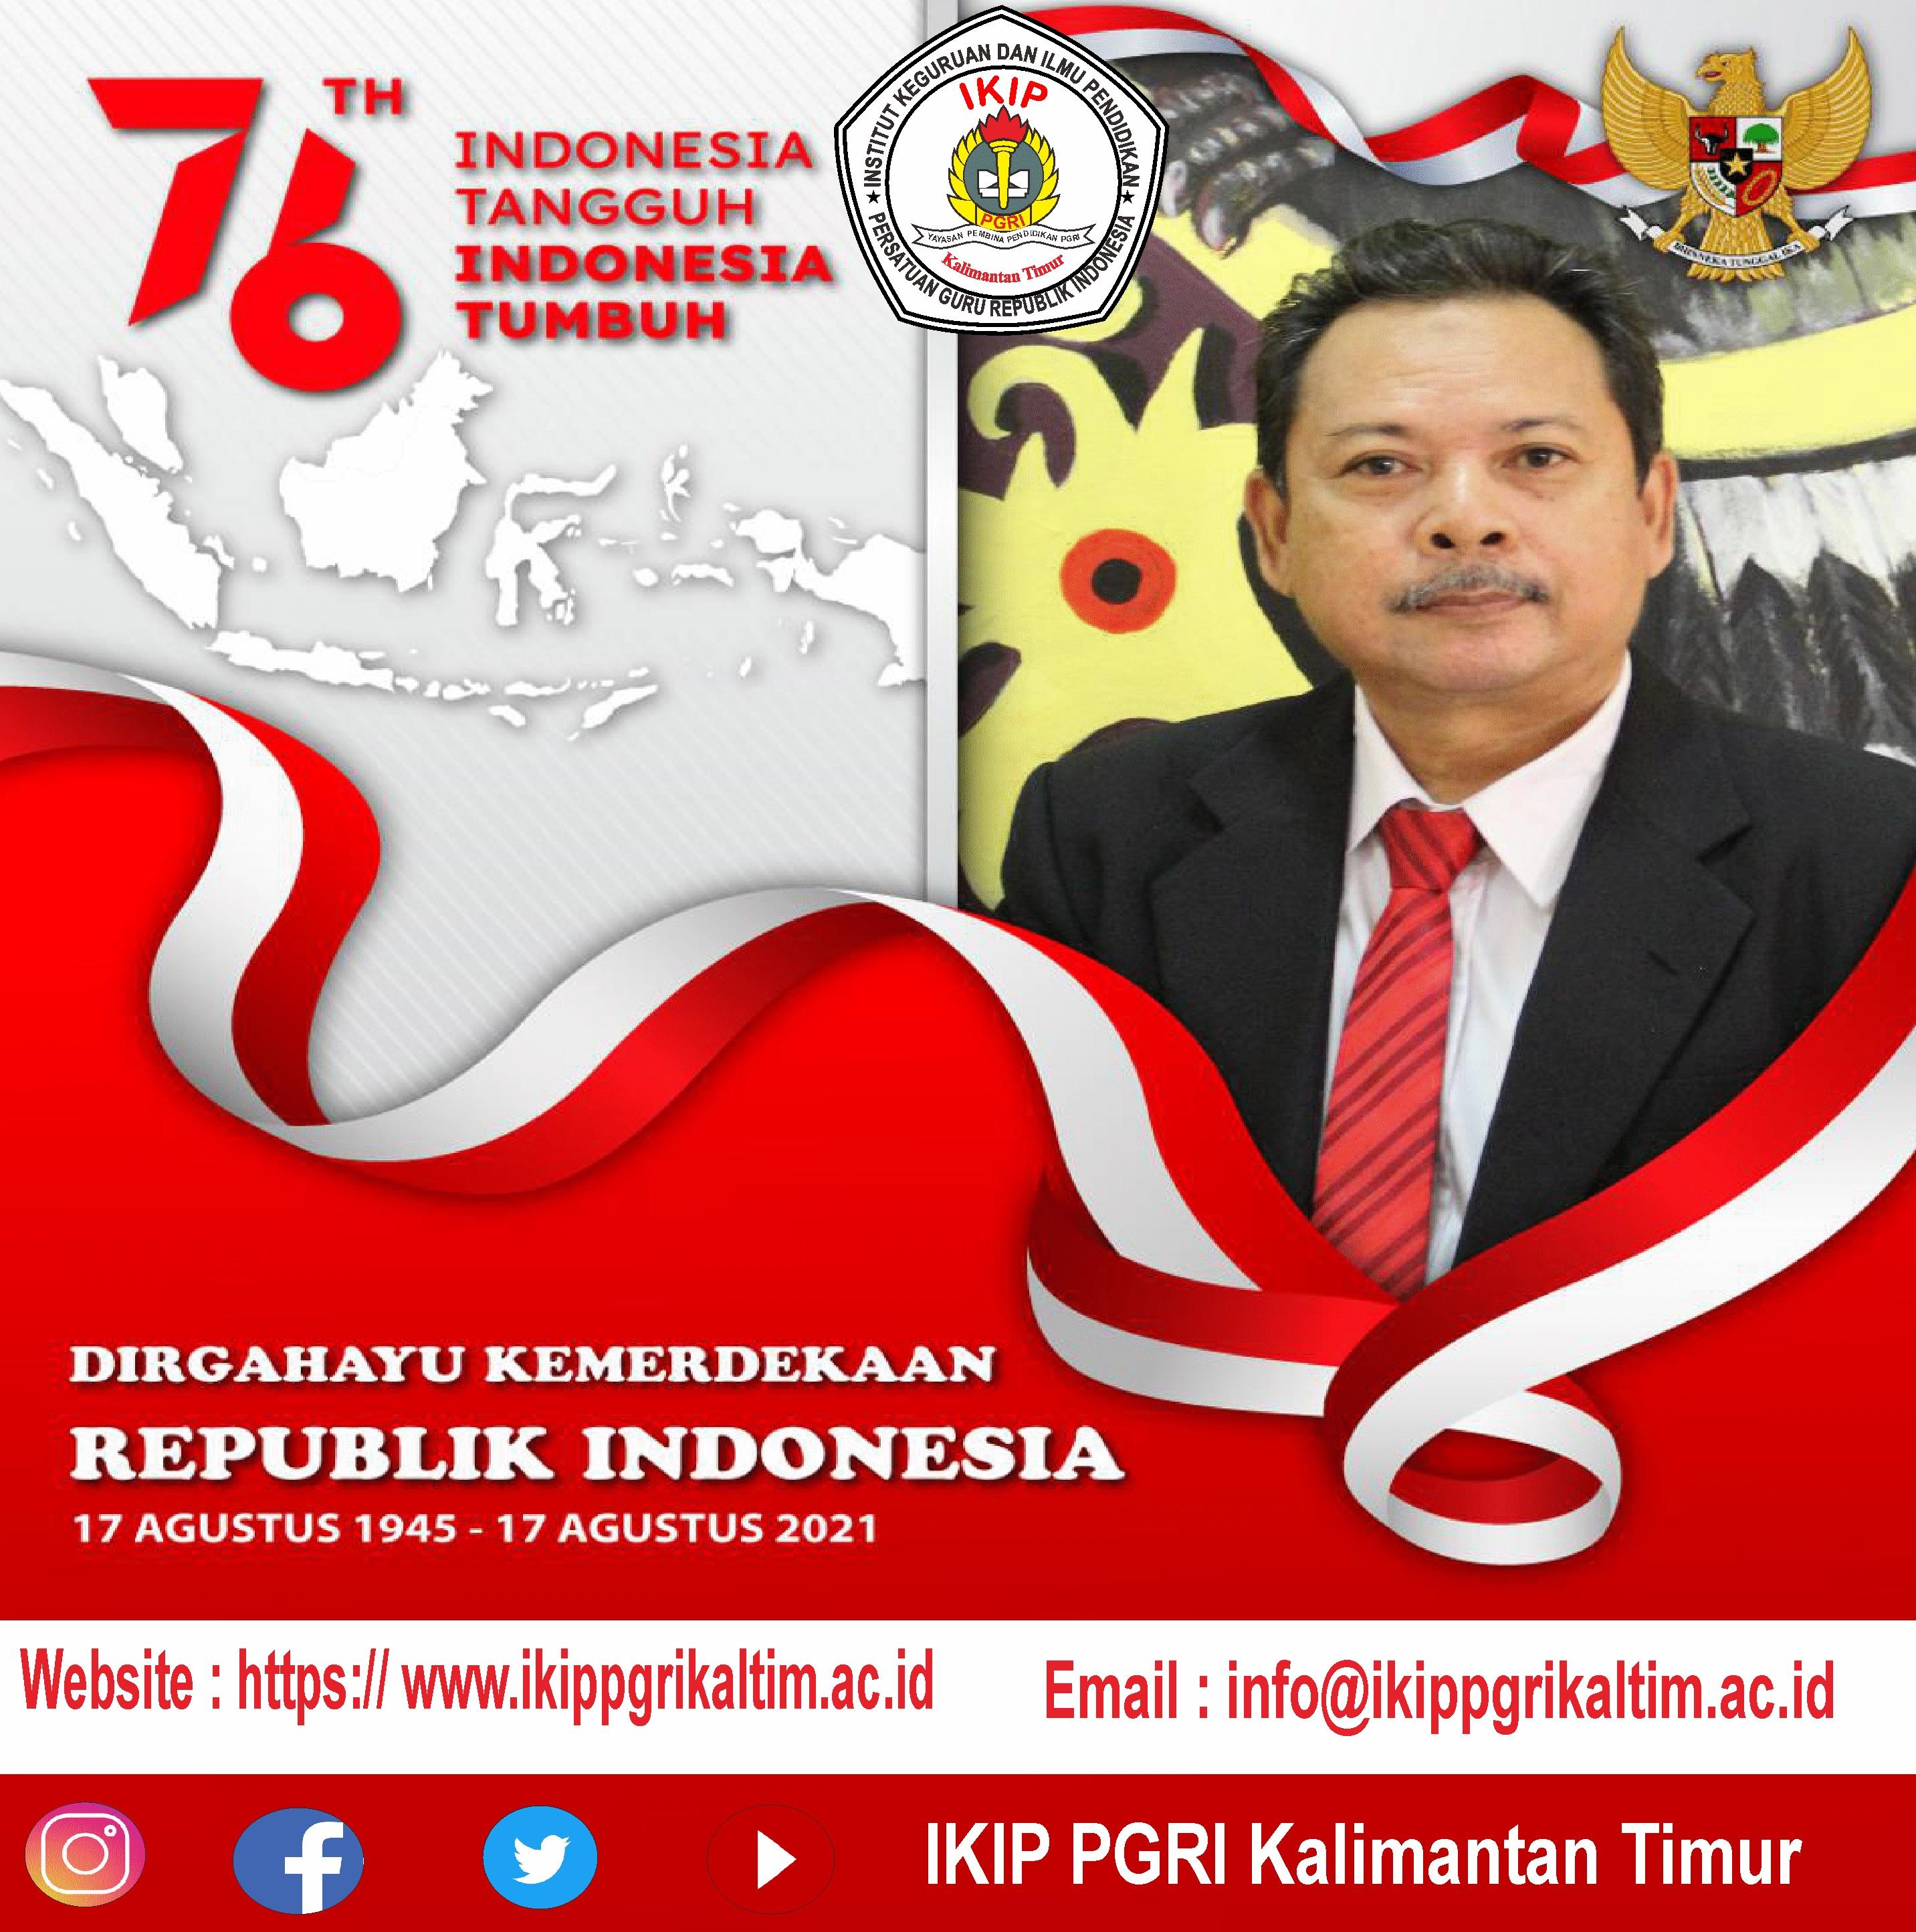 DIRGAHAYU REPUKLIK INDONESIA KE 76